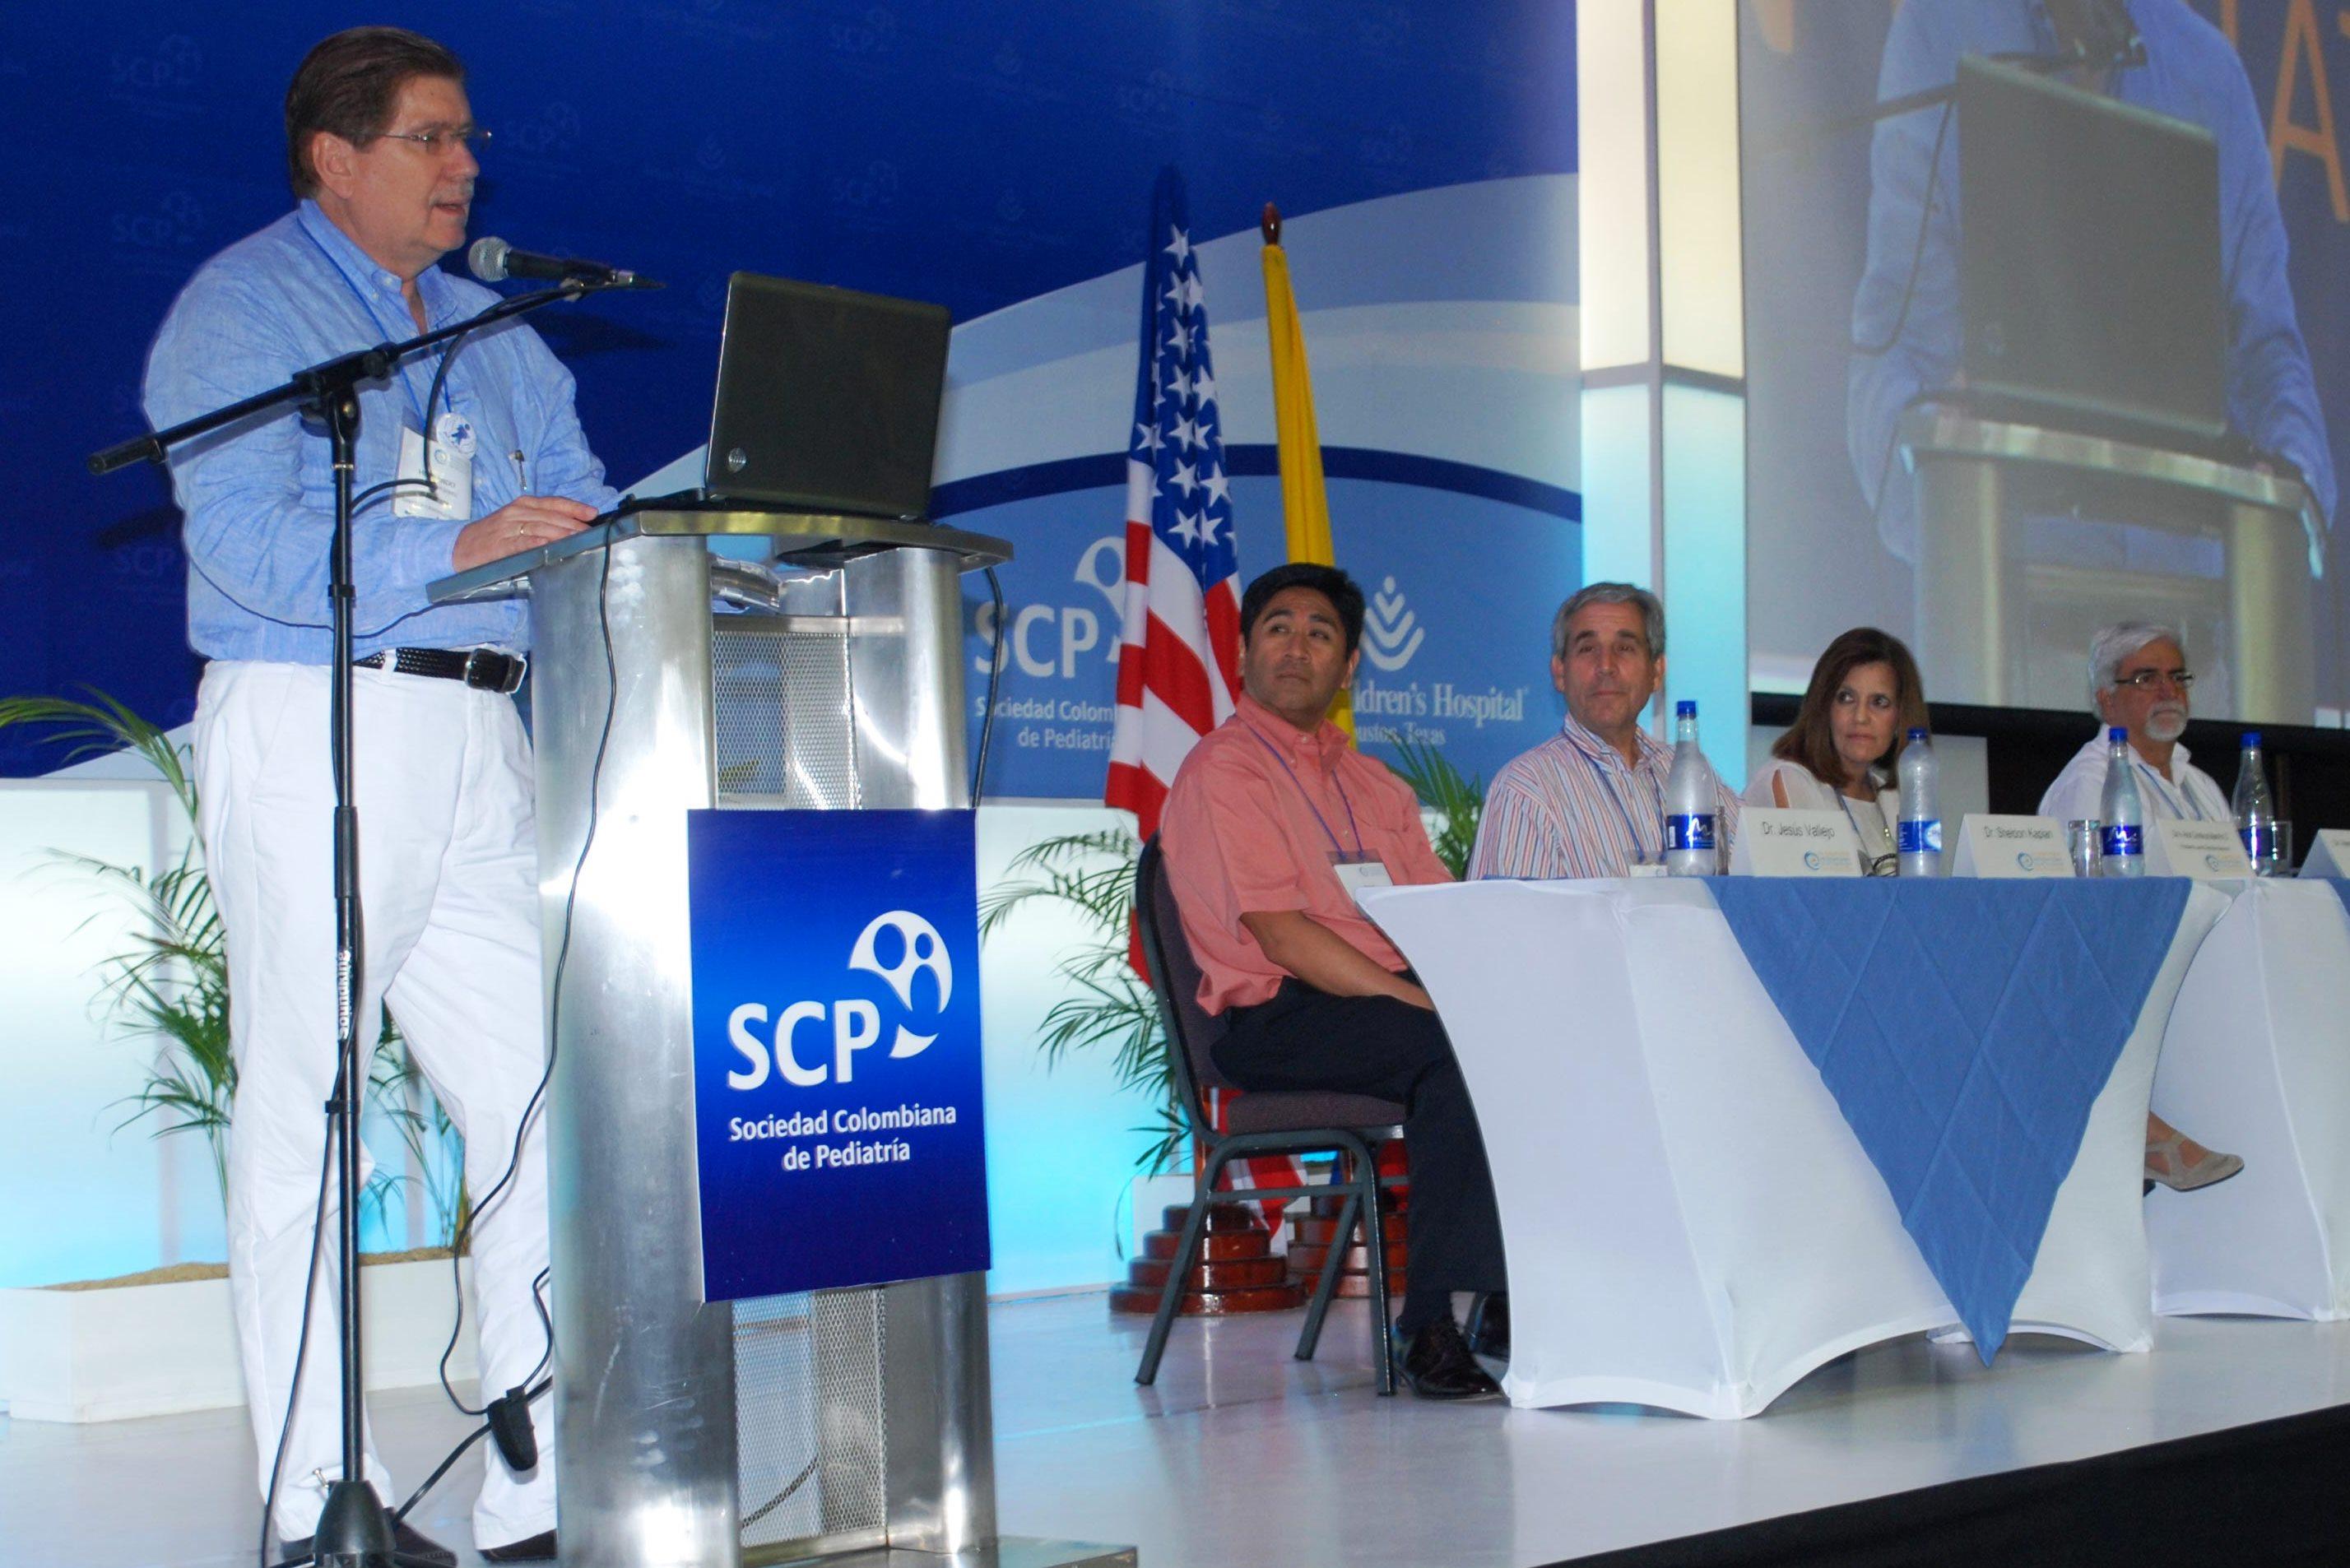 Aliados académicos internacionales, en la reunión pediátrica del país para 2015